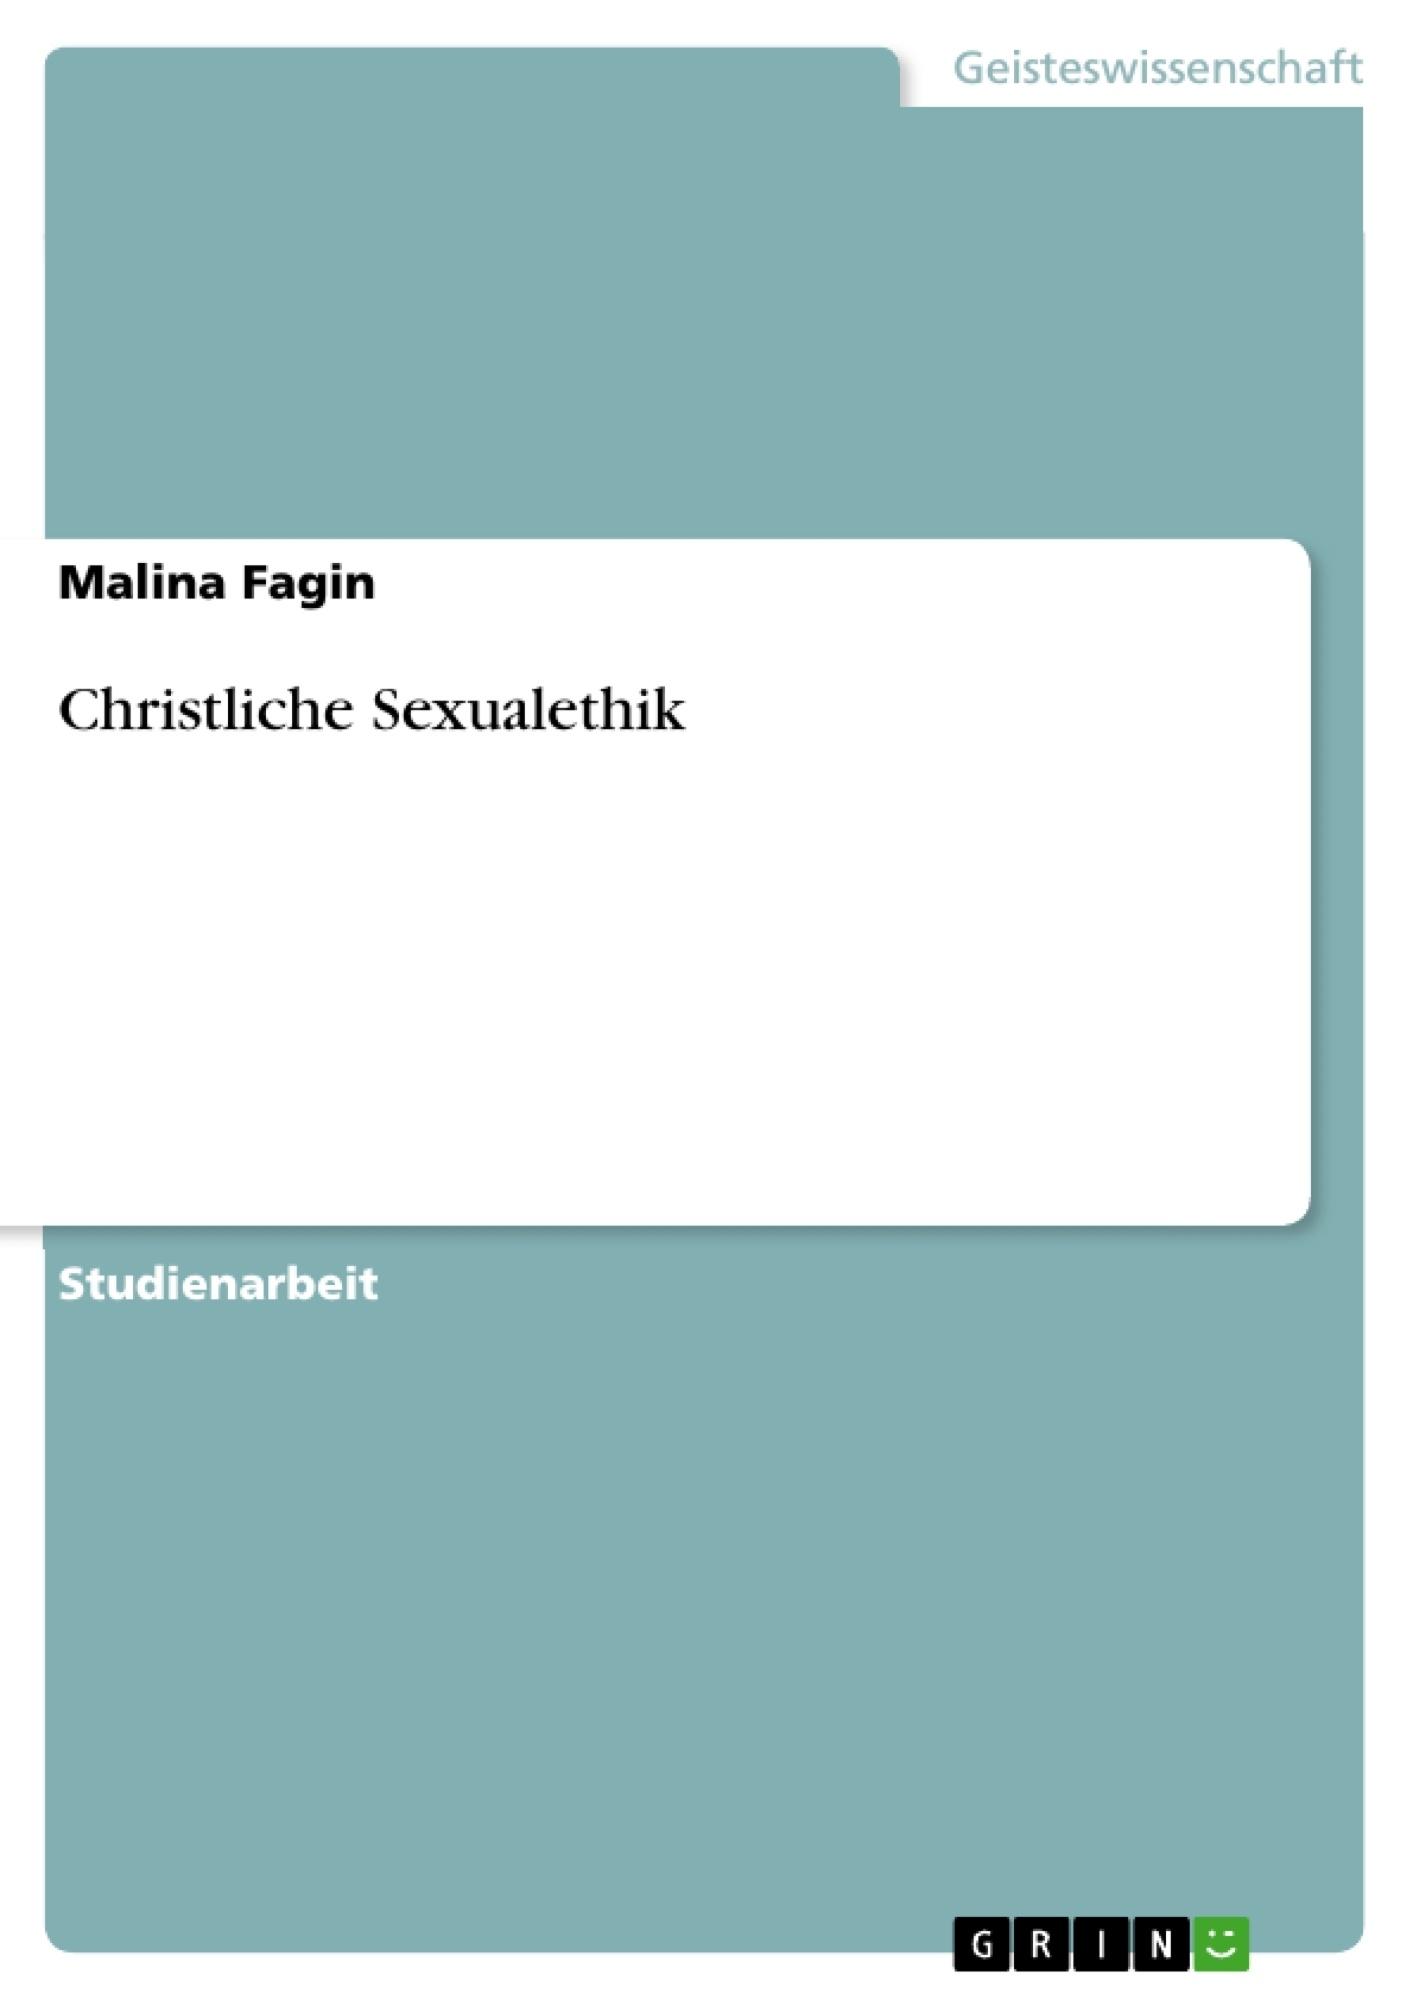 Sexualethik katholische kirche